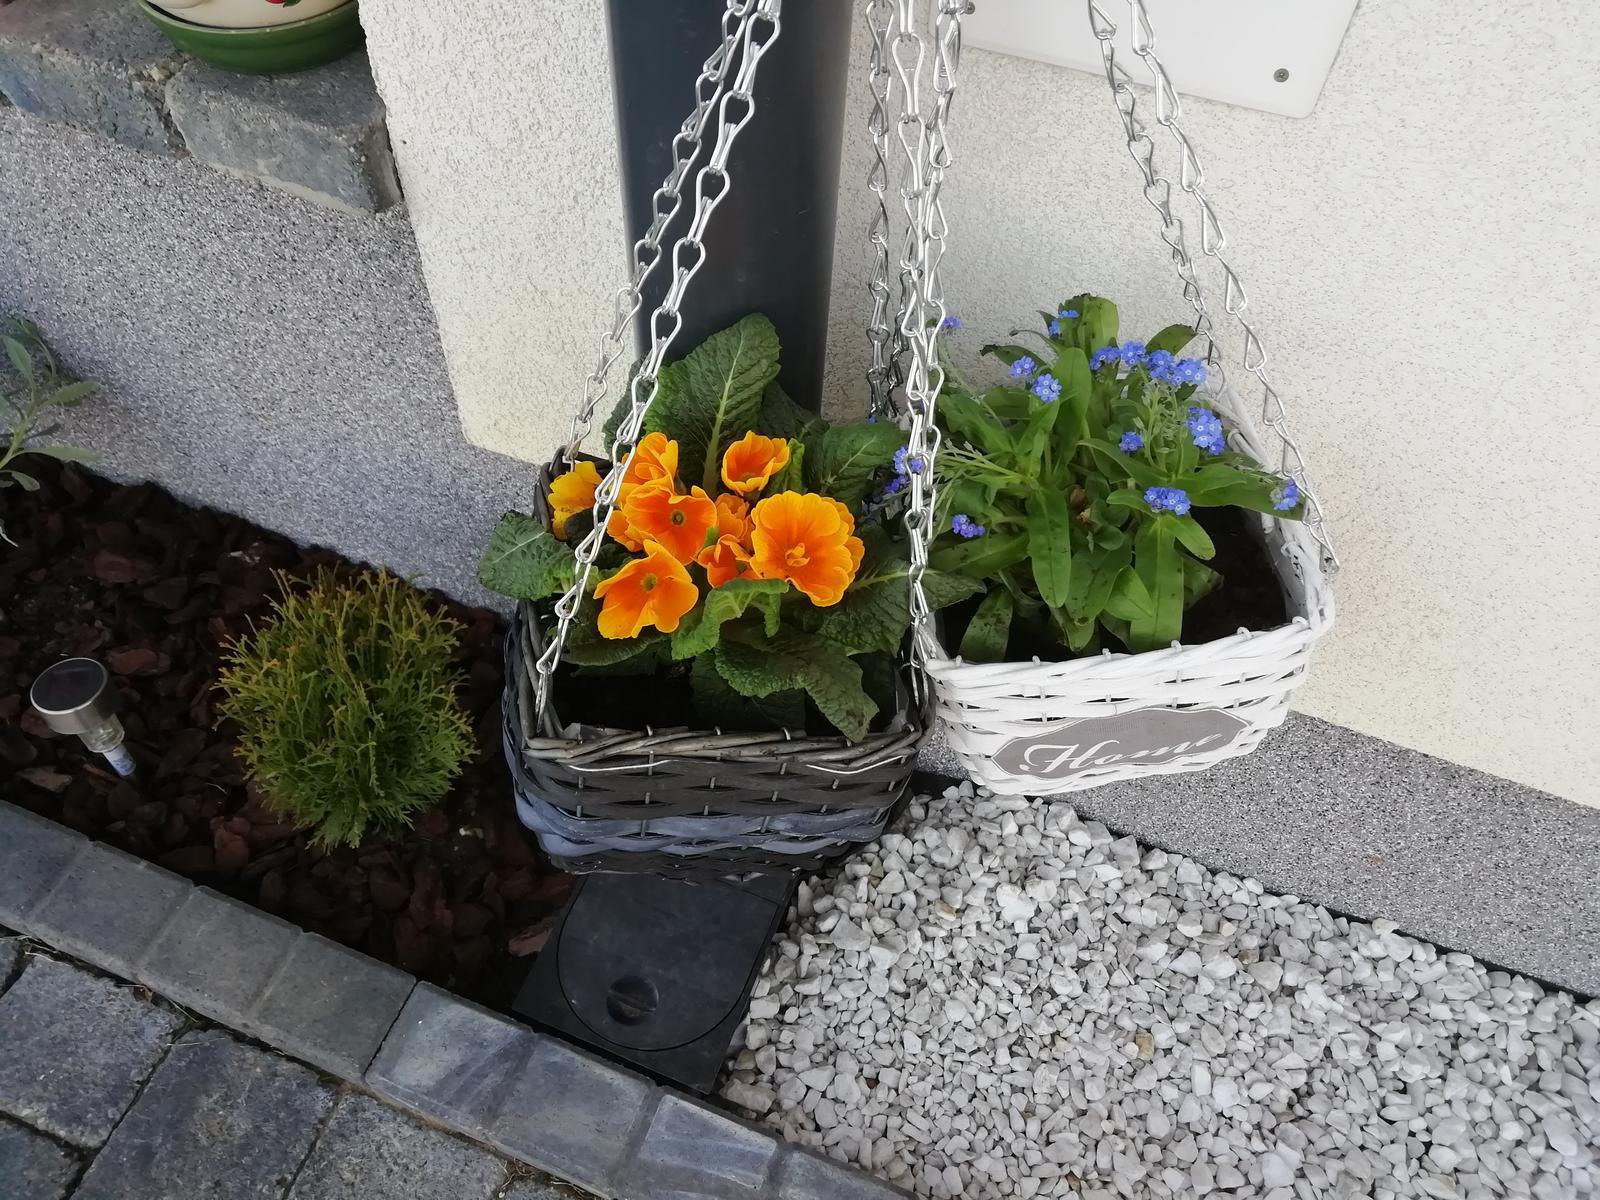 Záhradka 2019/20 bývame 4 a 5 rok :-) - Obrázok č. 61